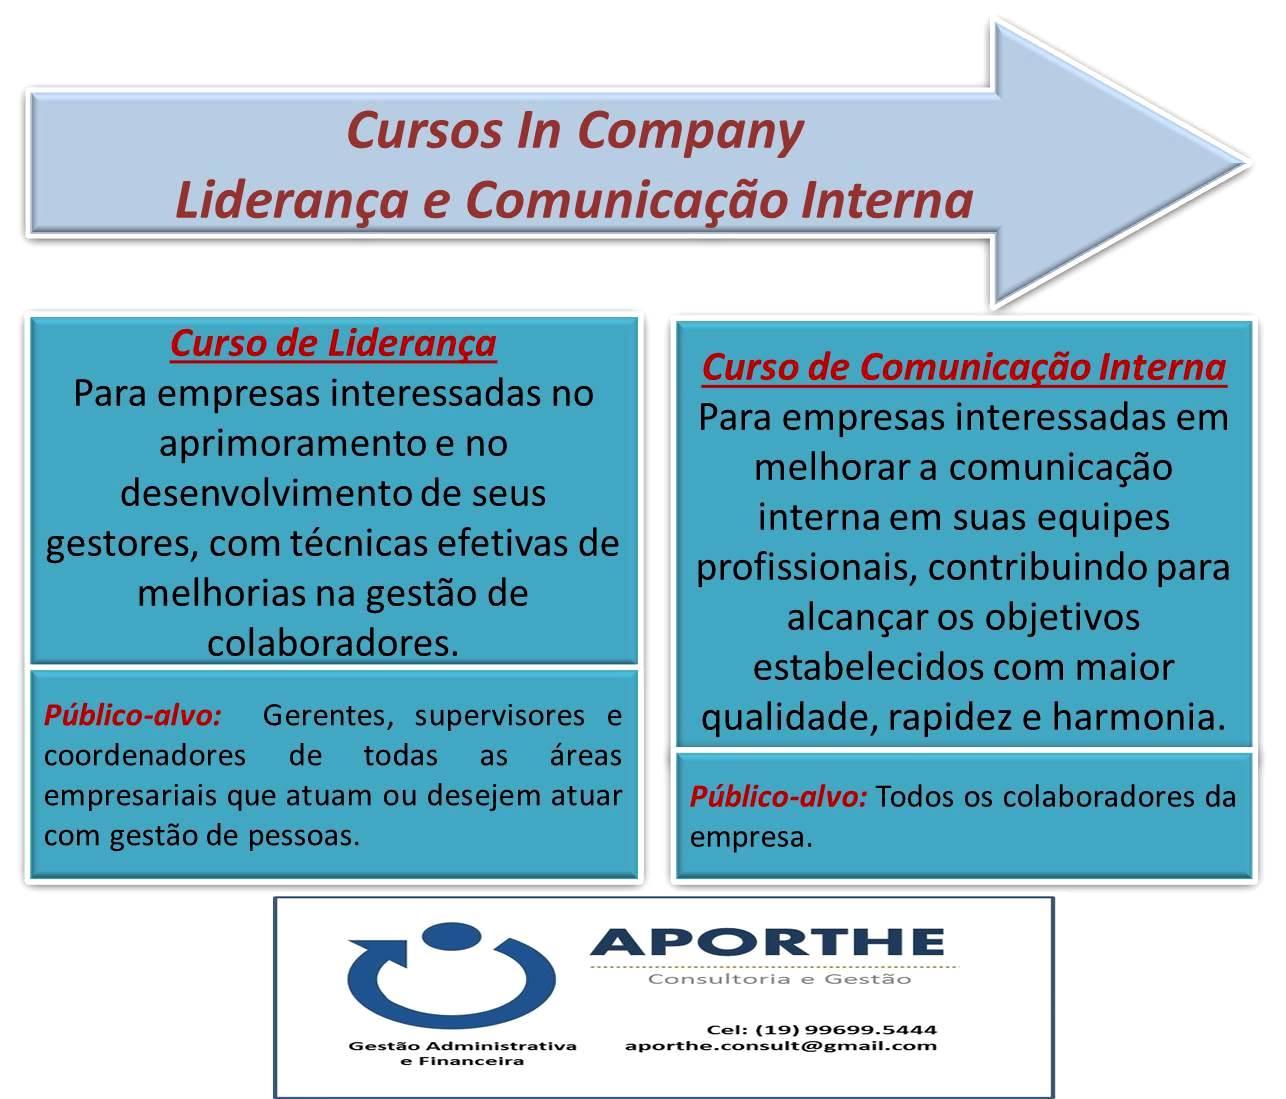 Treinamentos In Company - Liderança e Comunicação Interna